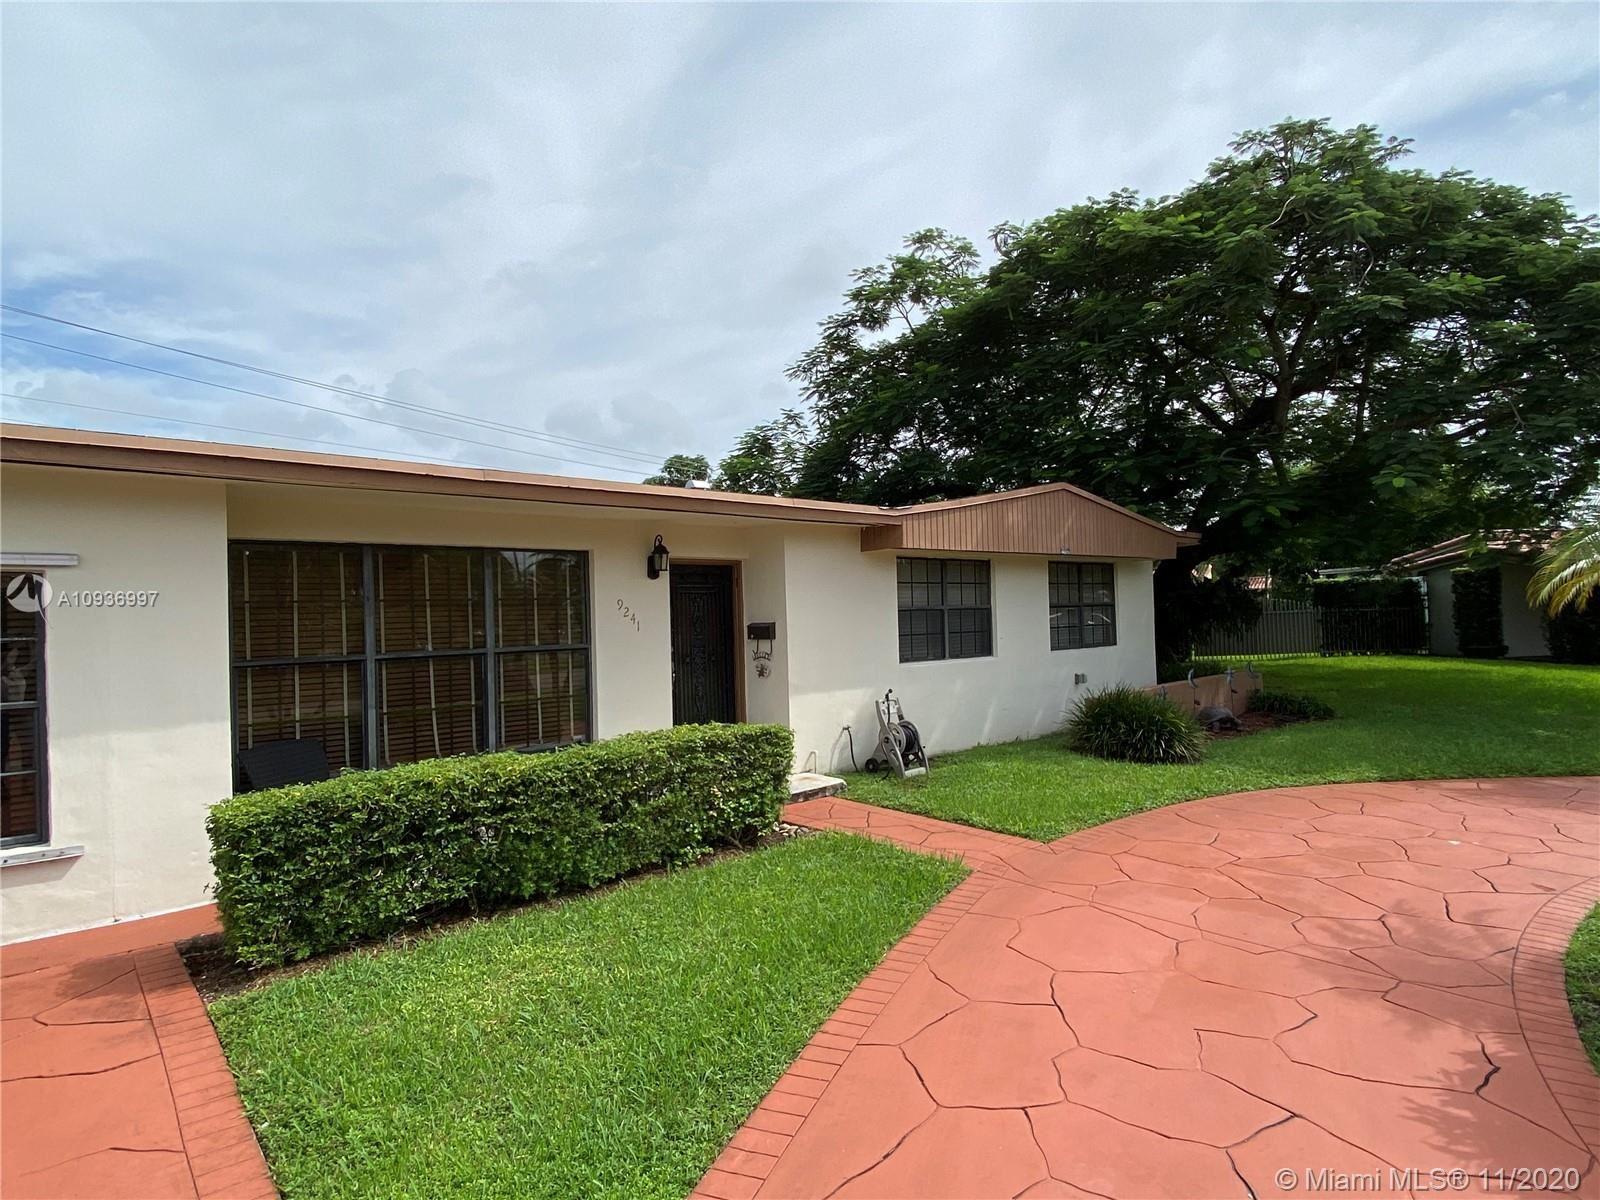 9241 SW 17th St, Miami, FL 33165 - #: A10936997